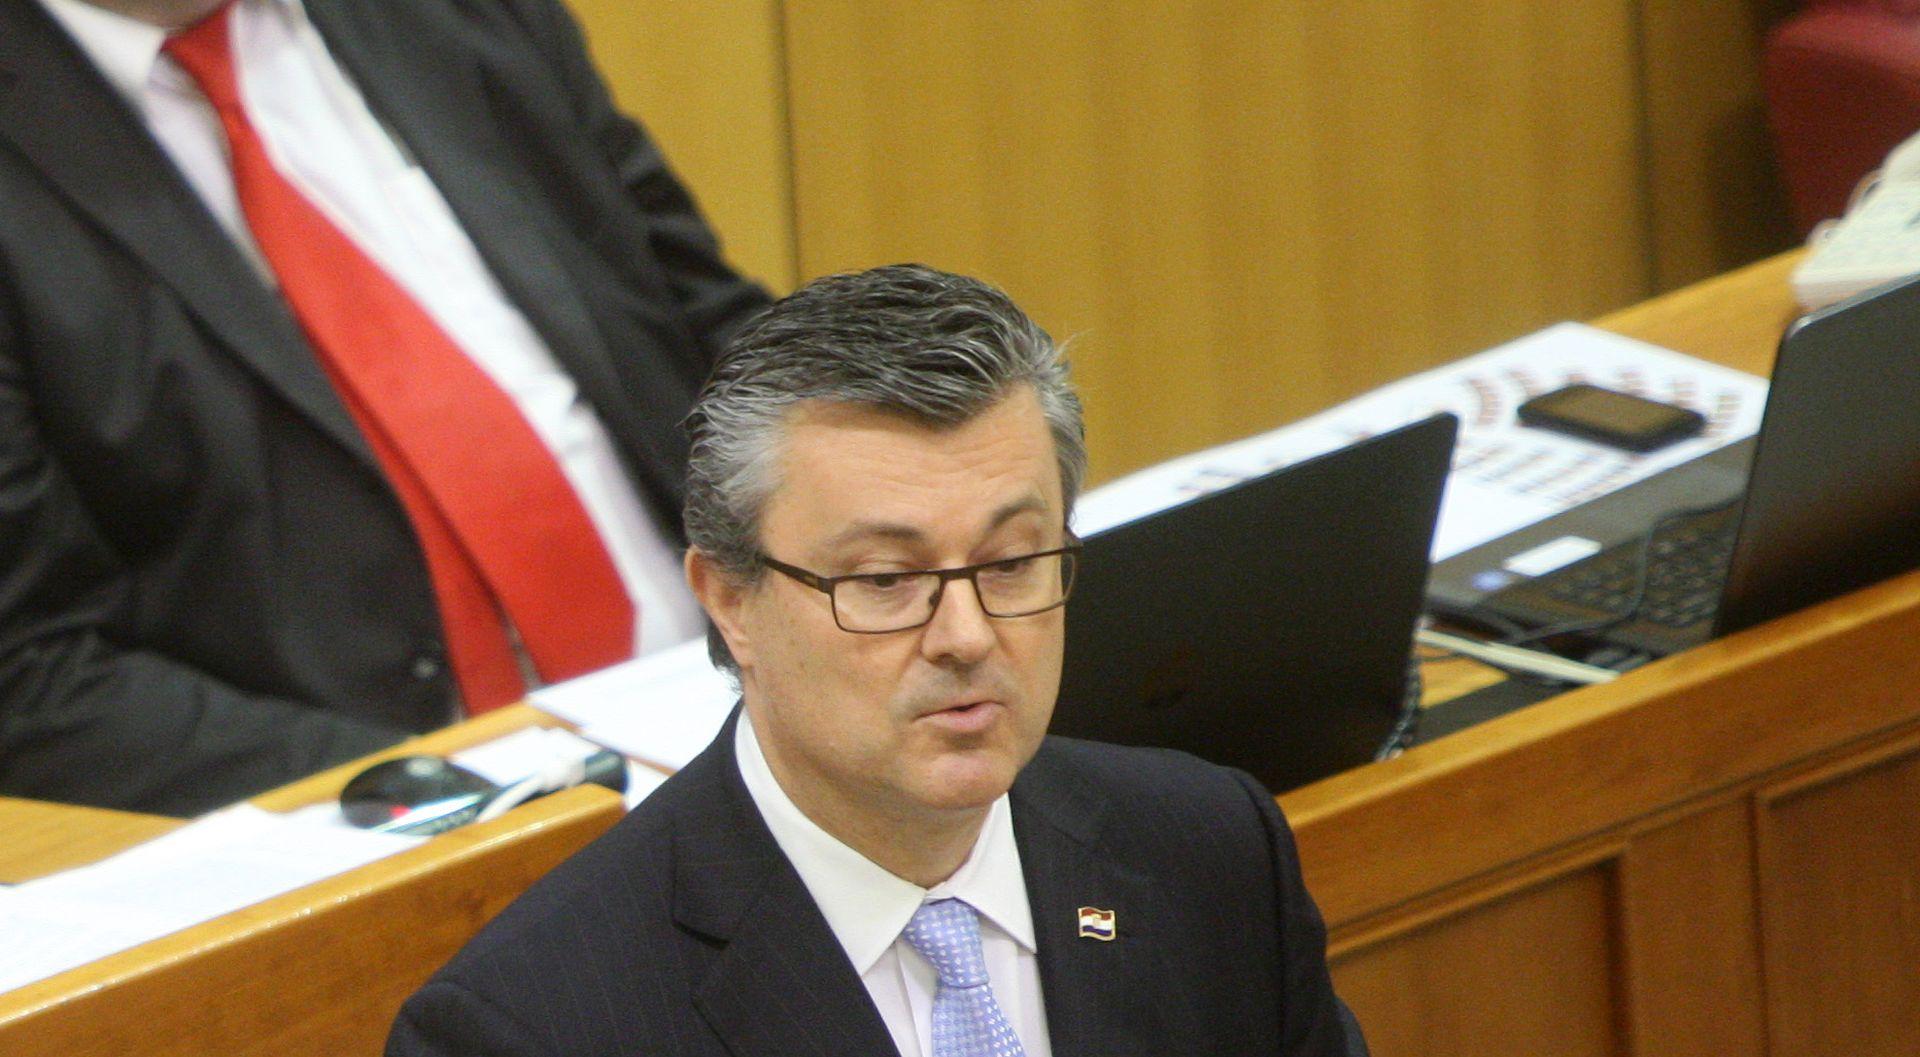 Tihomir Orešković se vraća u politiku